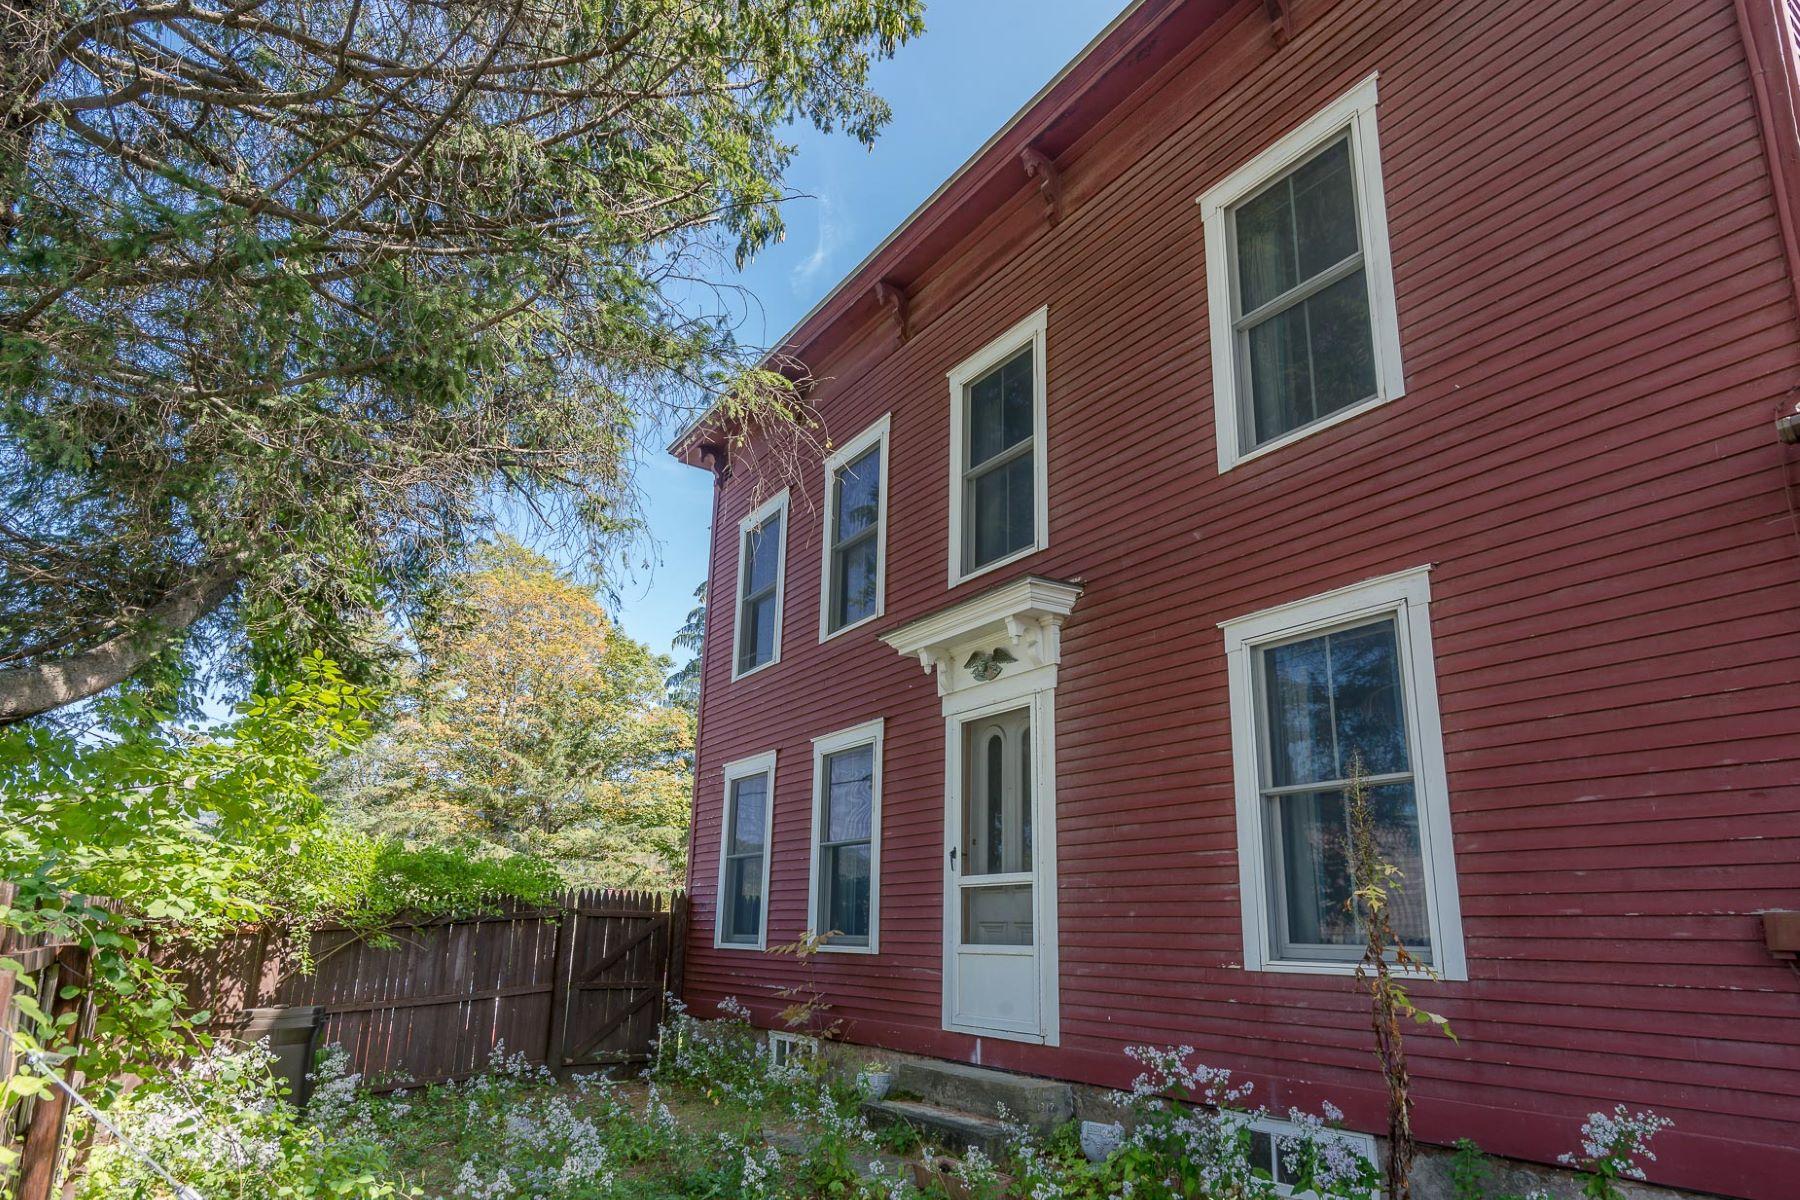 Частный односемейный дом для того Продажа на Old World Charm Meets Location 697 Main, Weston, Вермонт, 05161 Соединенные Штаты